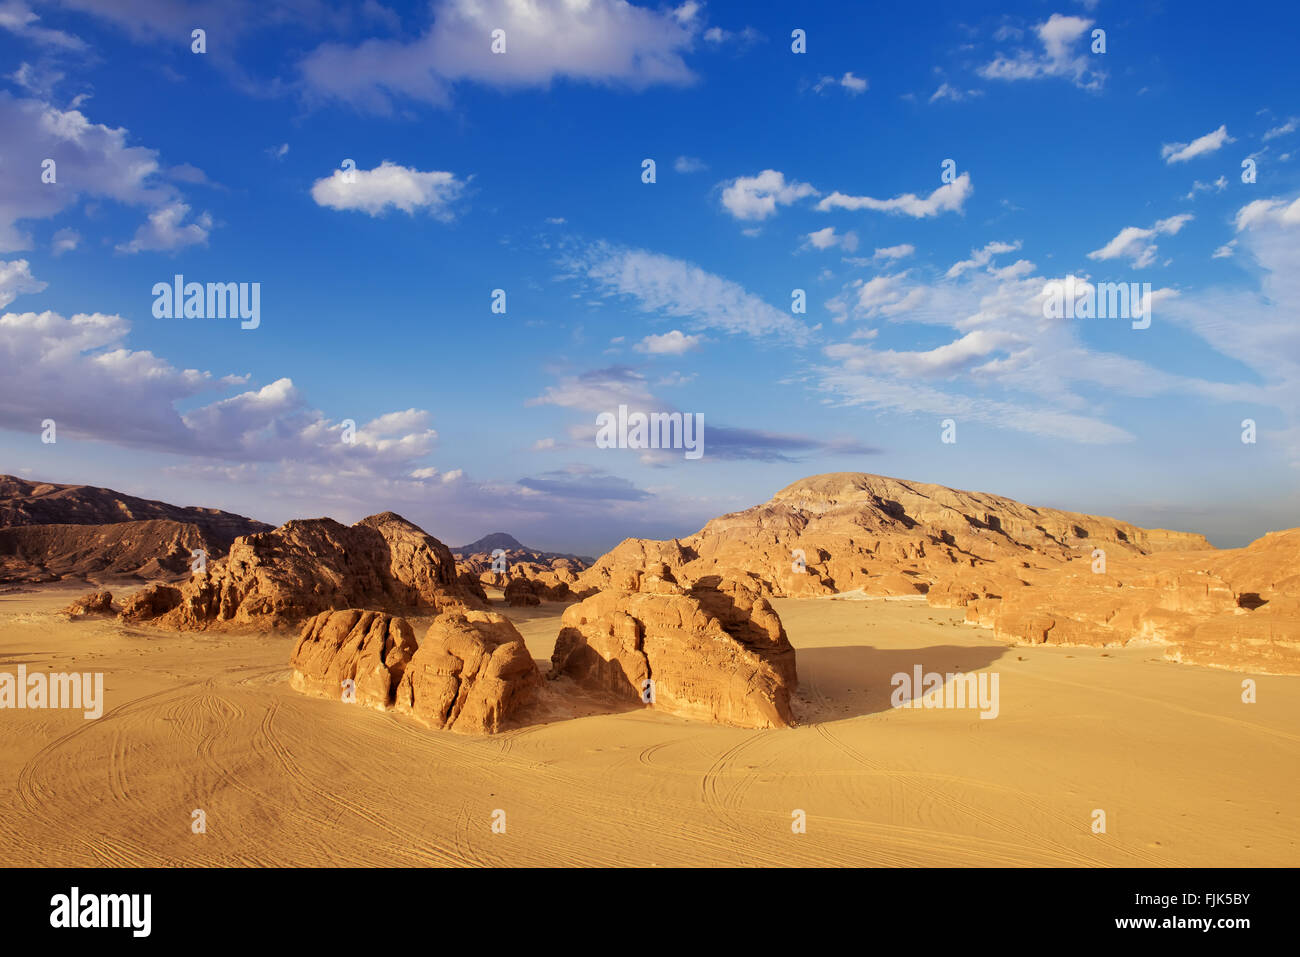 L'Egitto nel deserto del Sinai vista colline rocciose cielo blu Immagini Stock